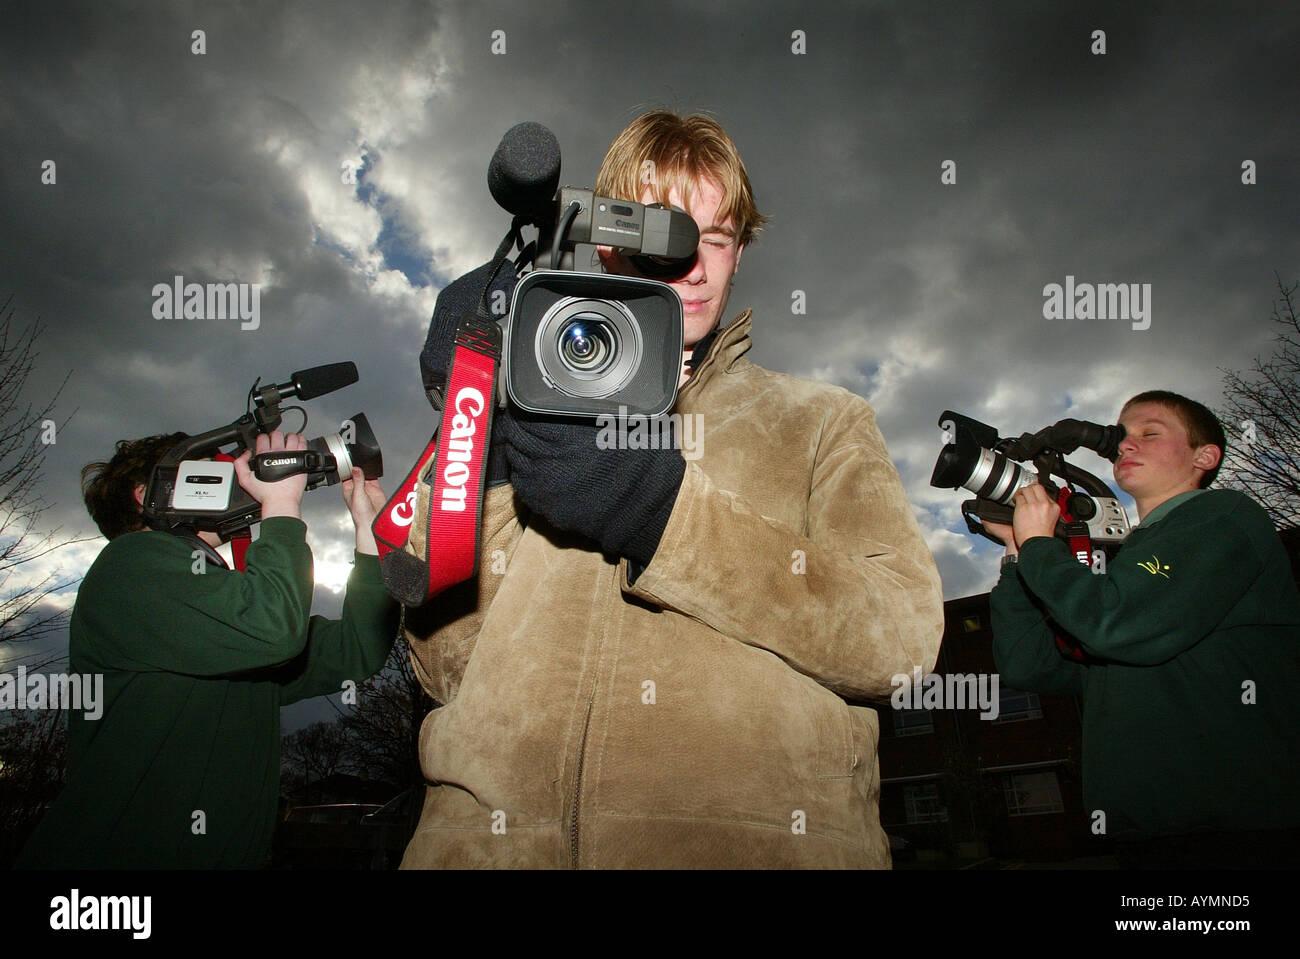 La scuola dei bambini con telecamere *solo uso editoriale* Immagini Stock